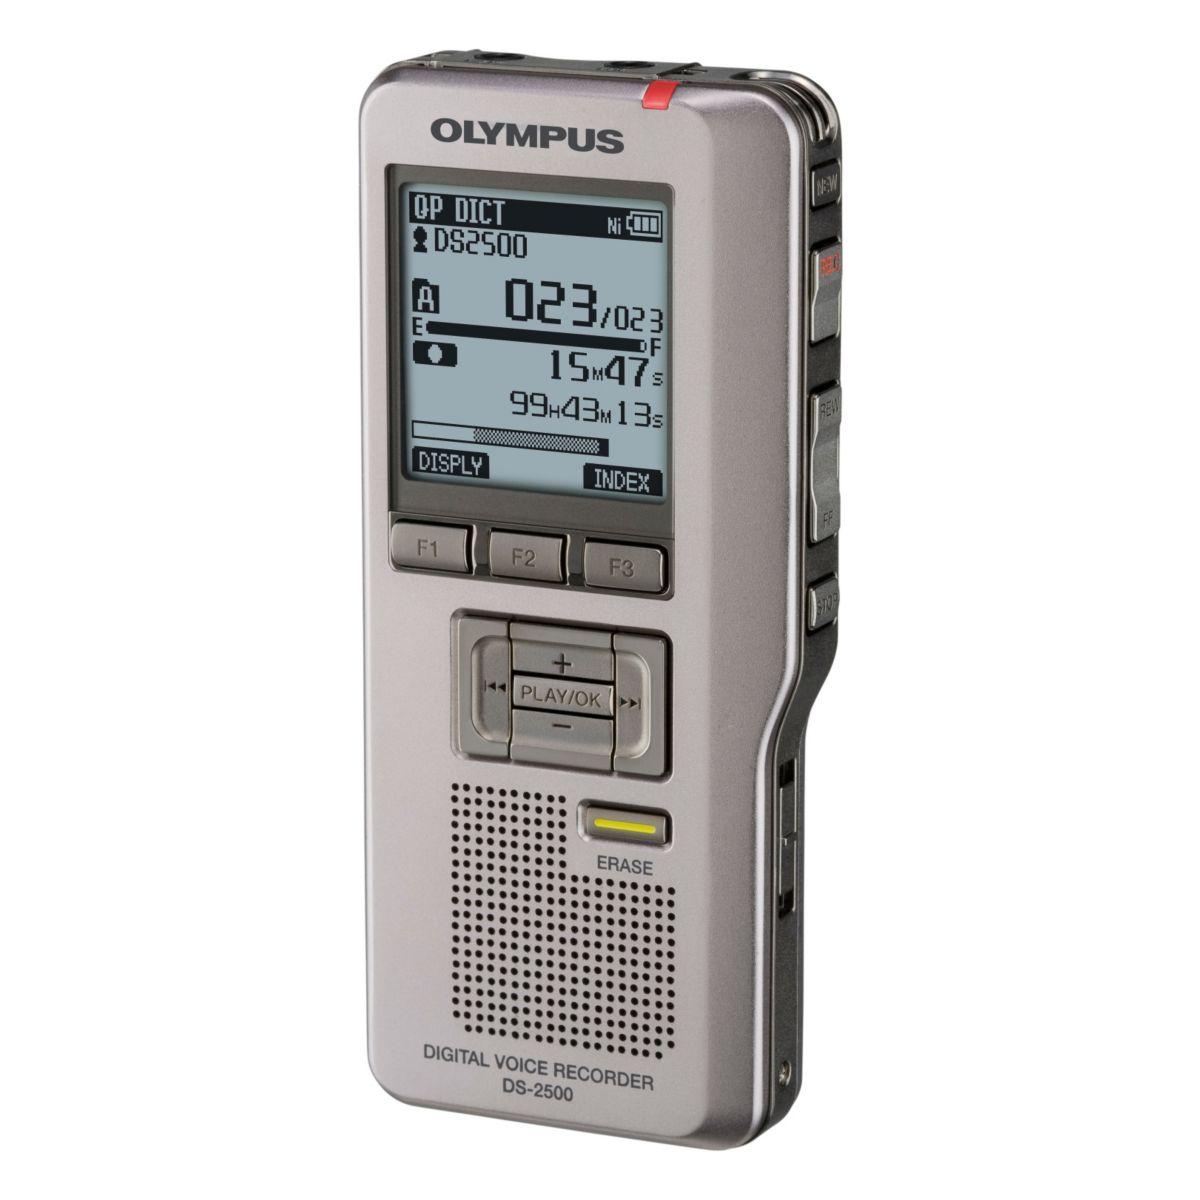 Dictaphone olympus ds-2500 - 2% de remise imm?diate avec le co...